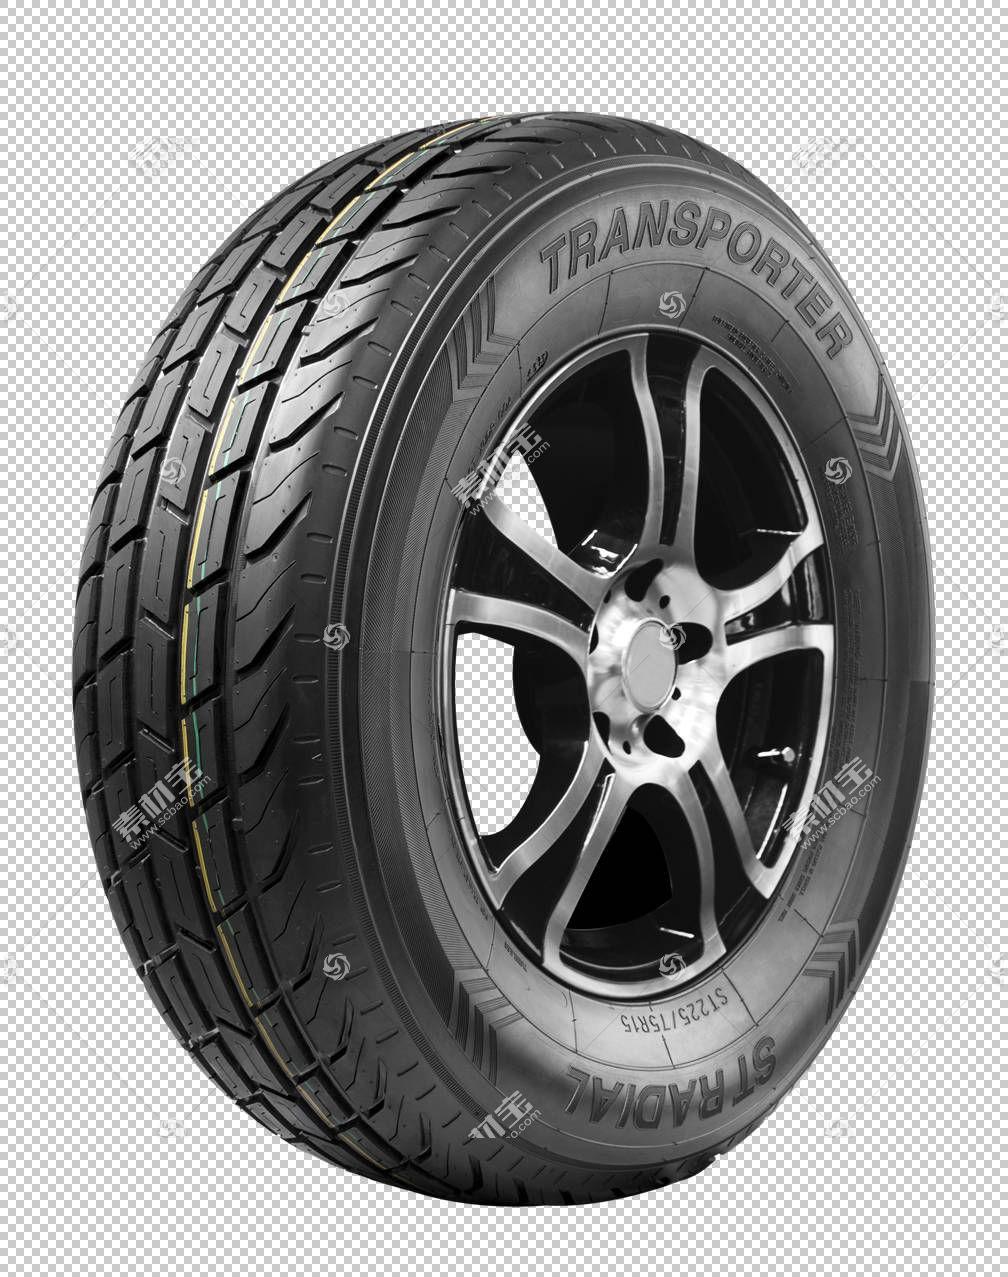 汽车防爆轮胎车轮价格,汽车PNG剪贴画汽车,车辆,运输,汽车零件,轮